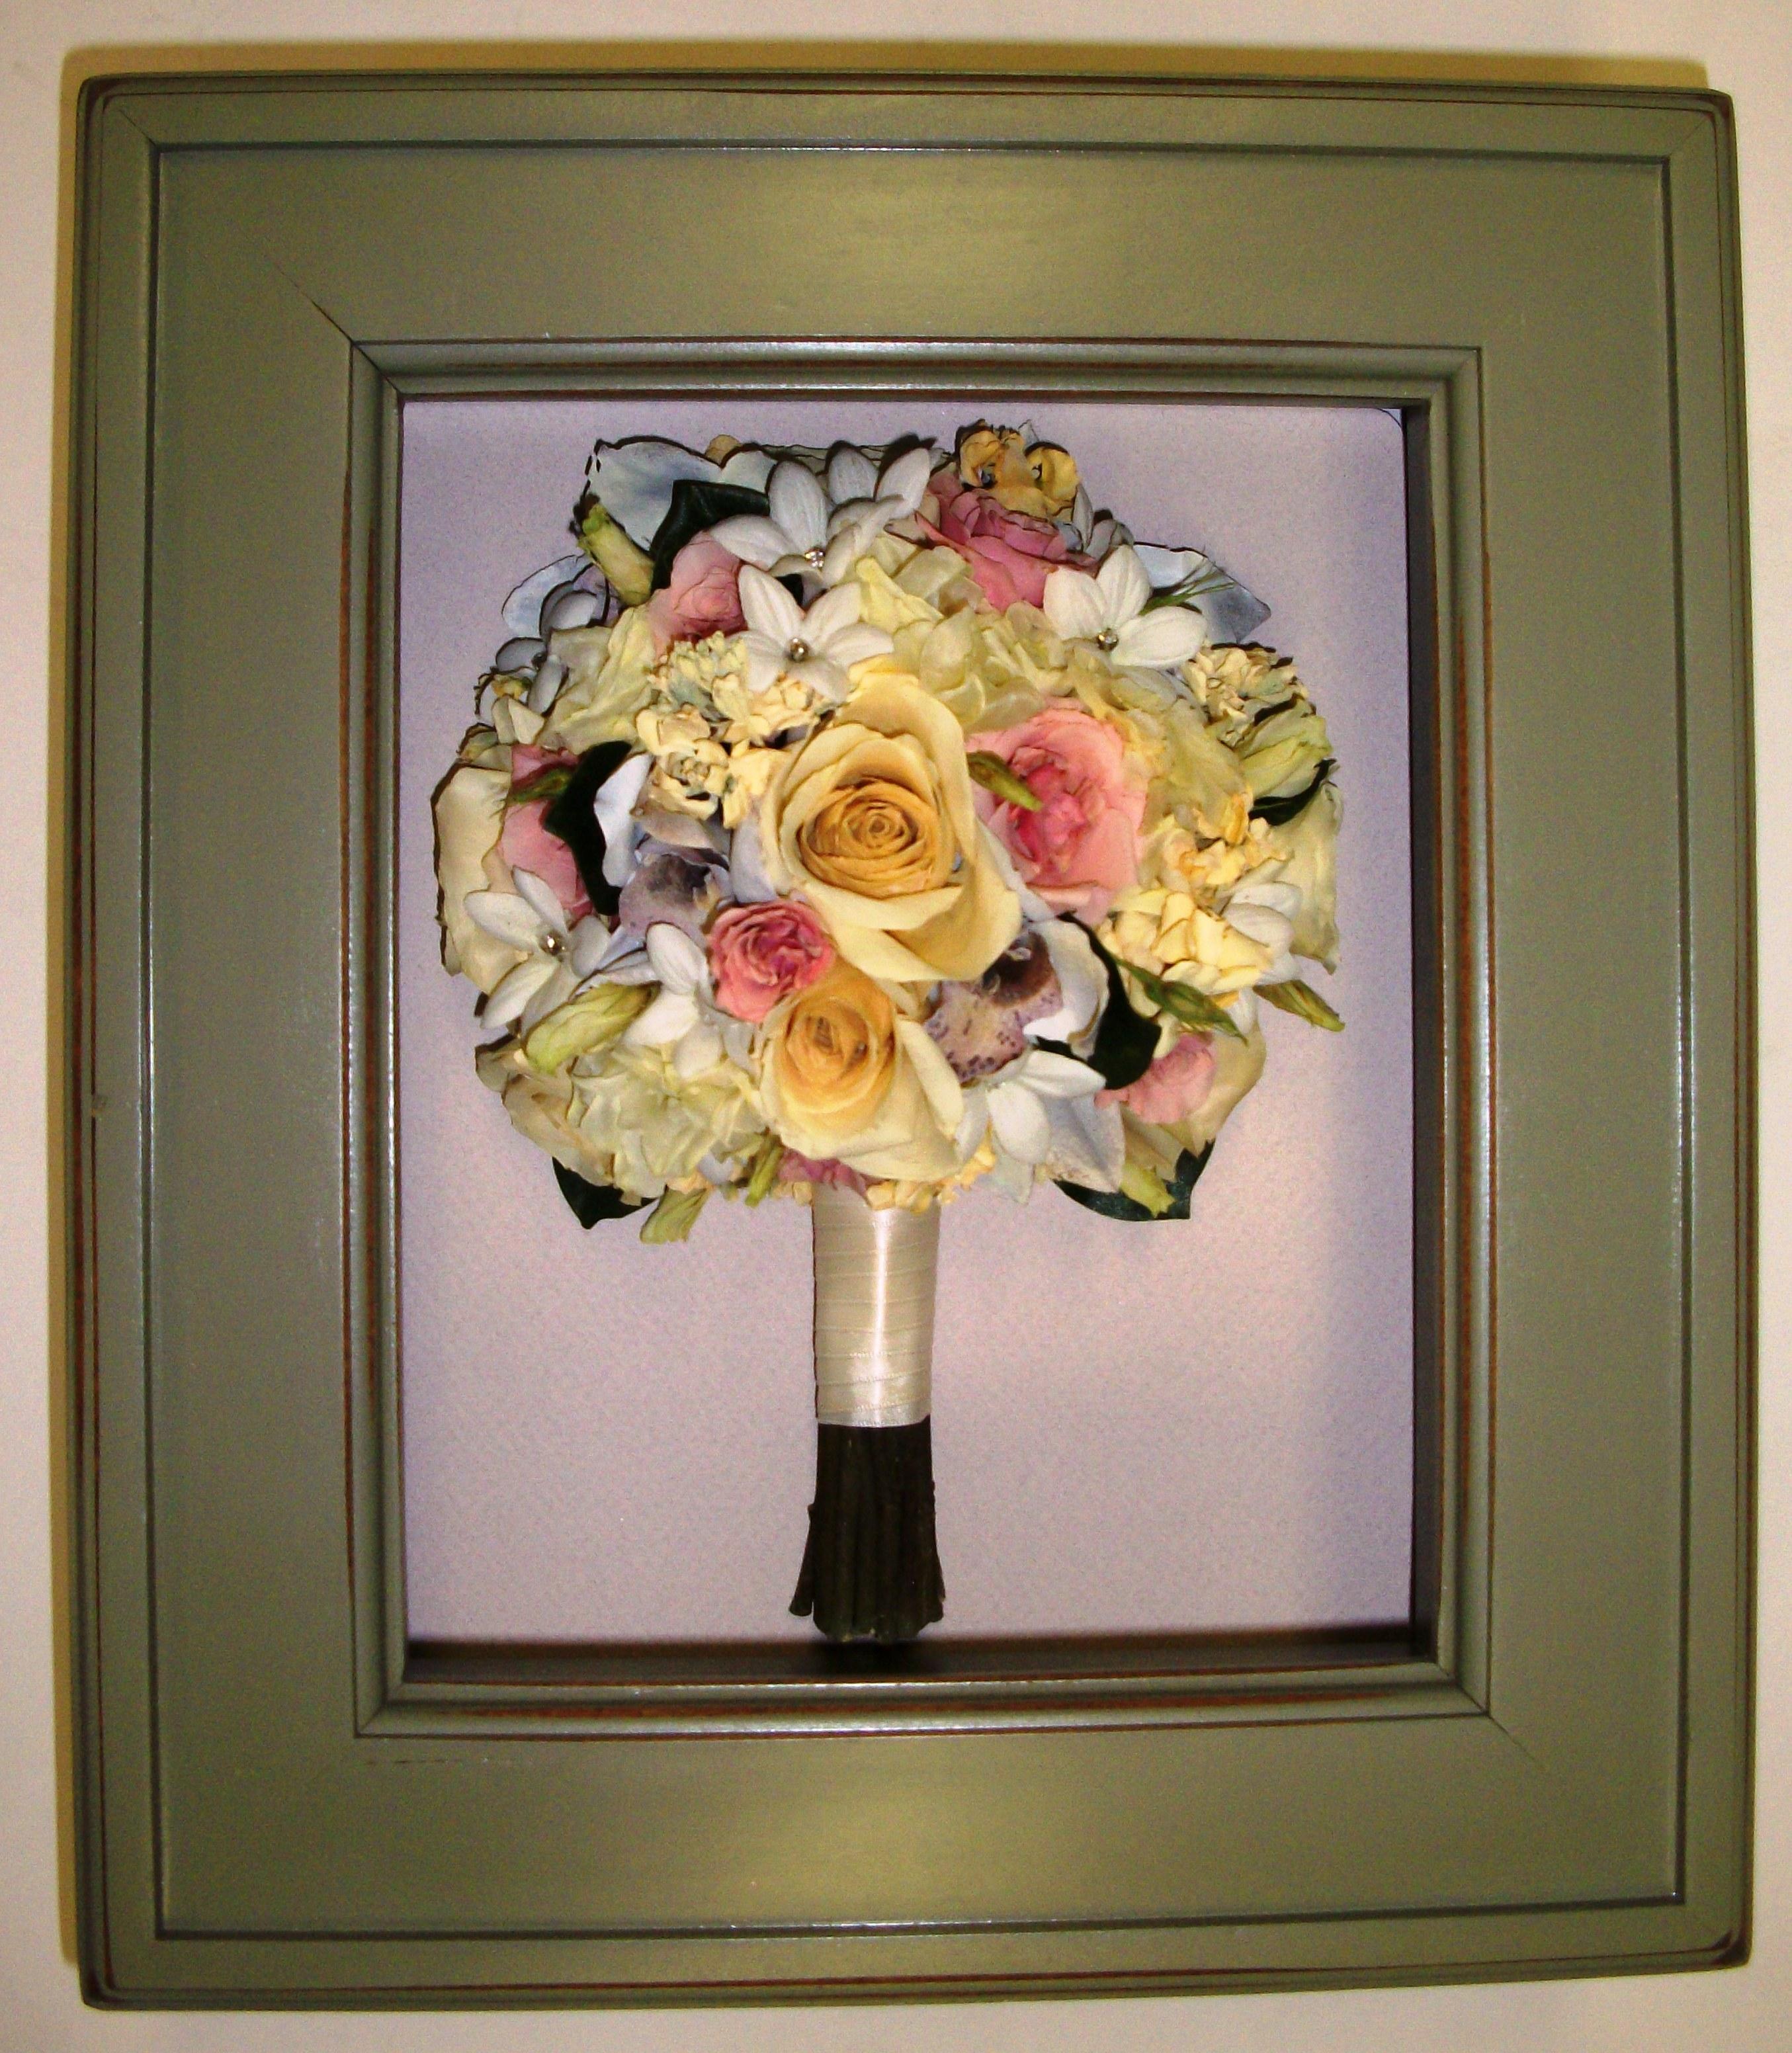 ¡Las flores nunca mueren - petición especial! - Livin como Larz